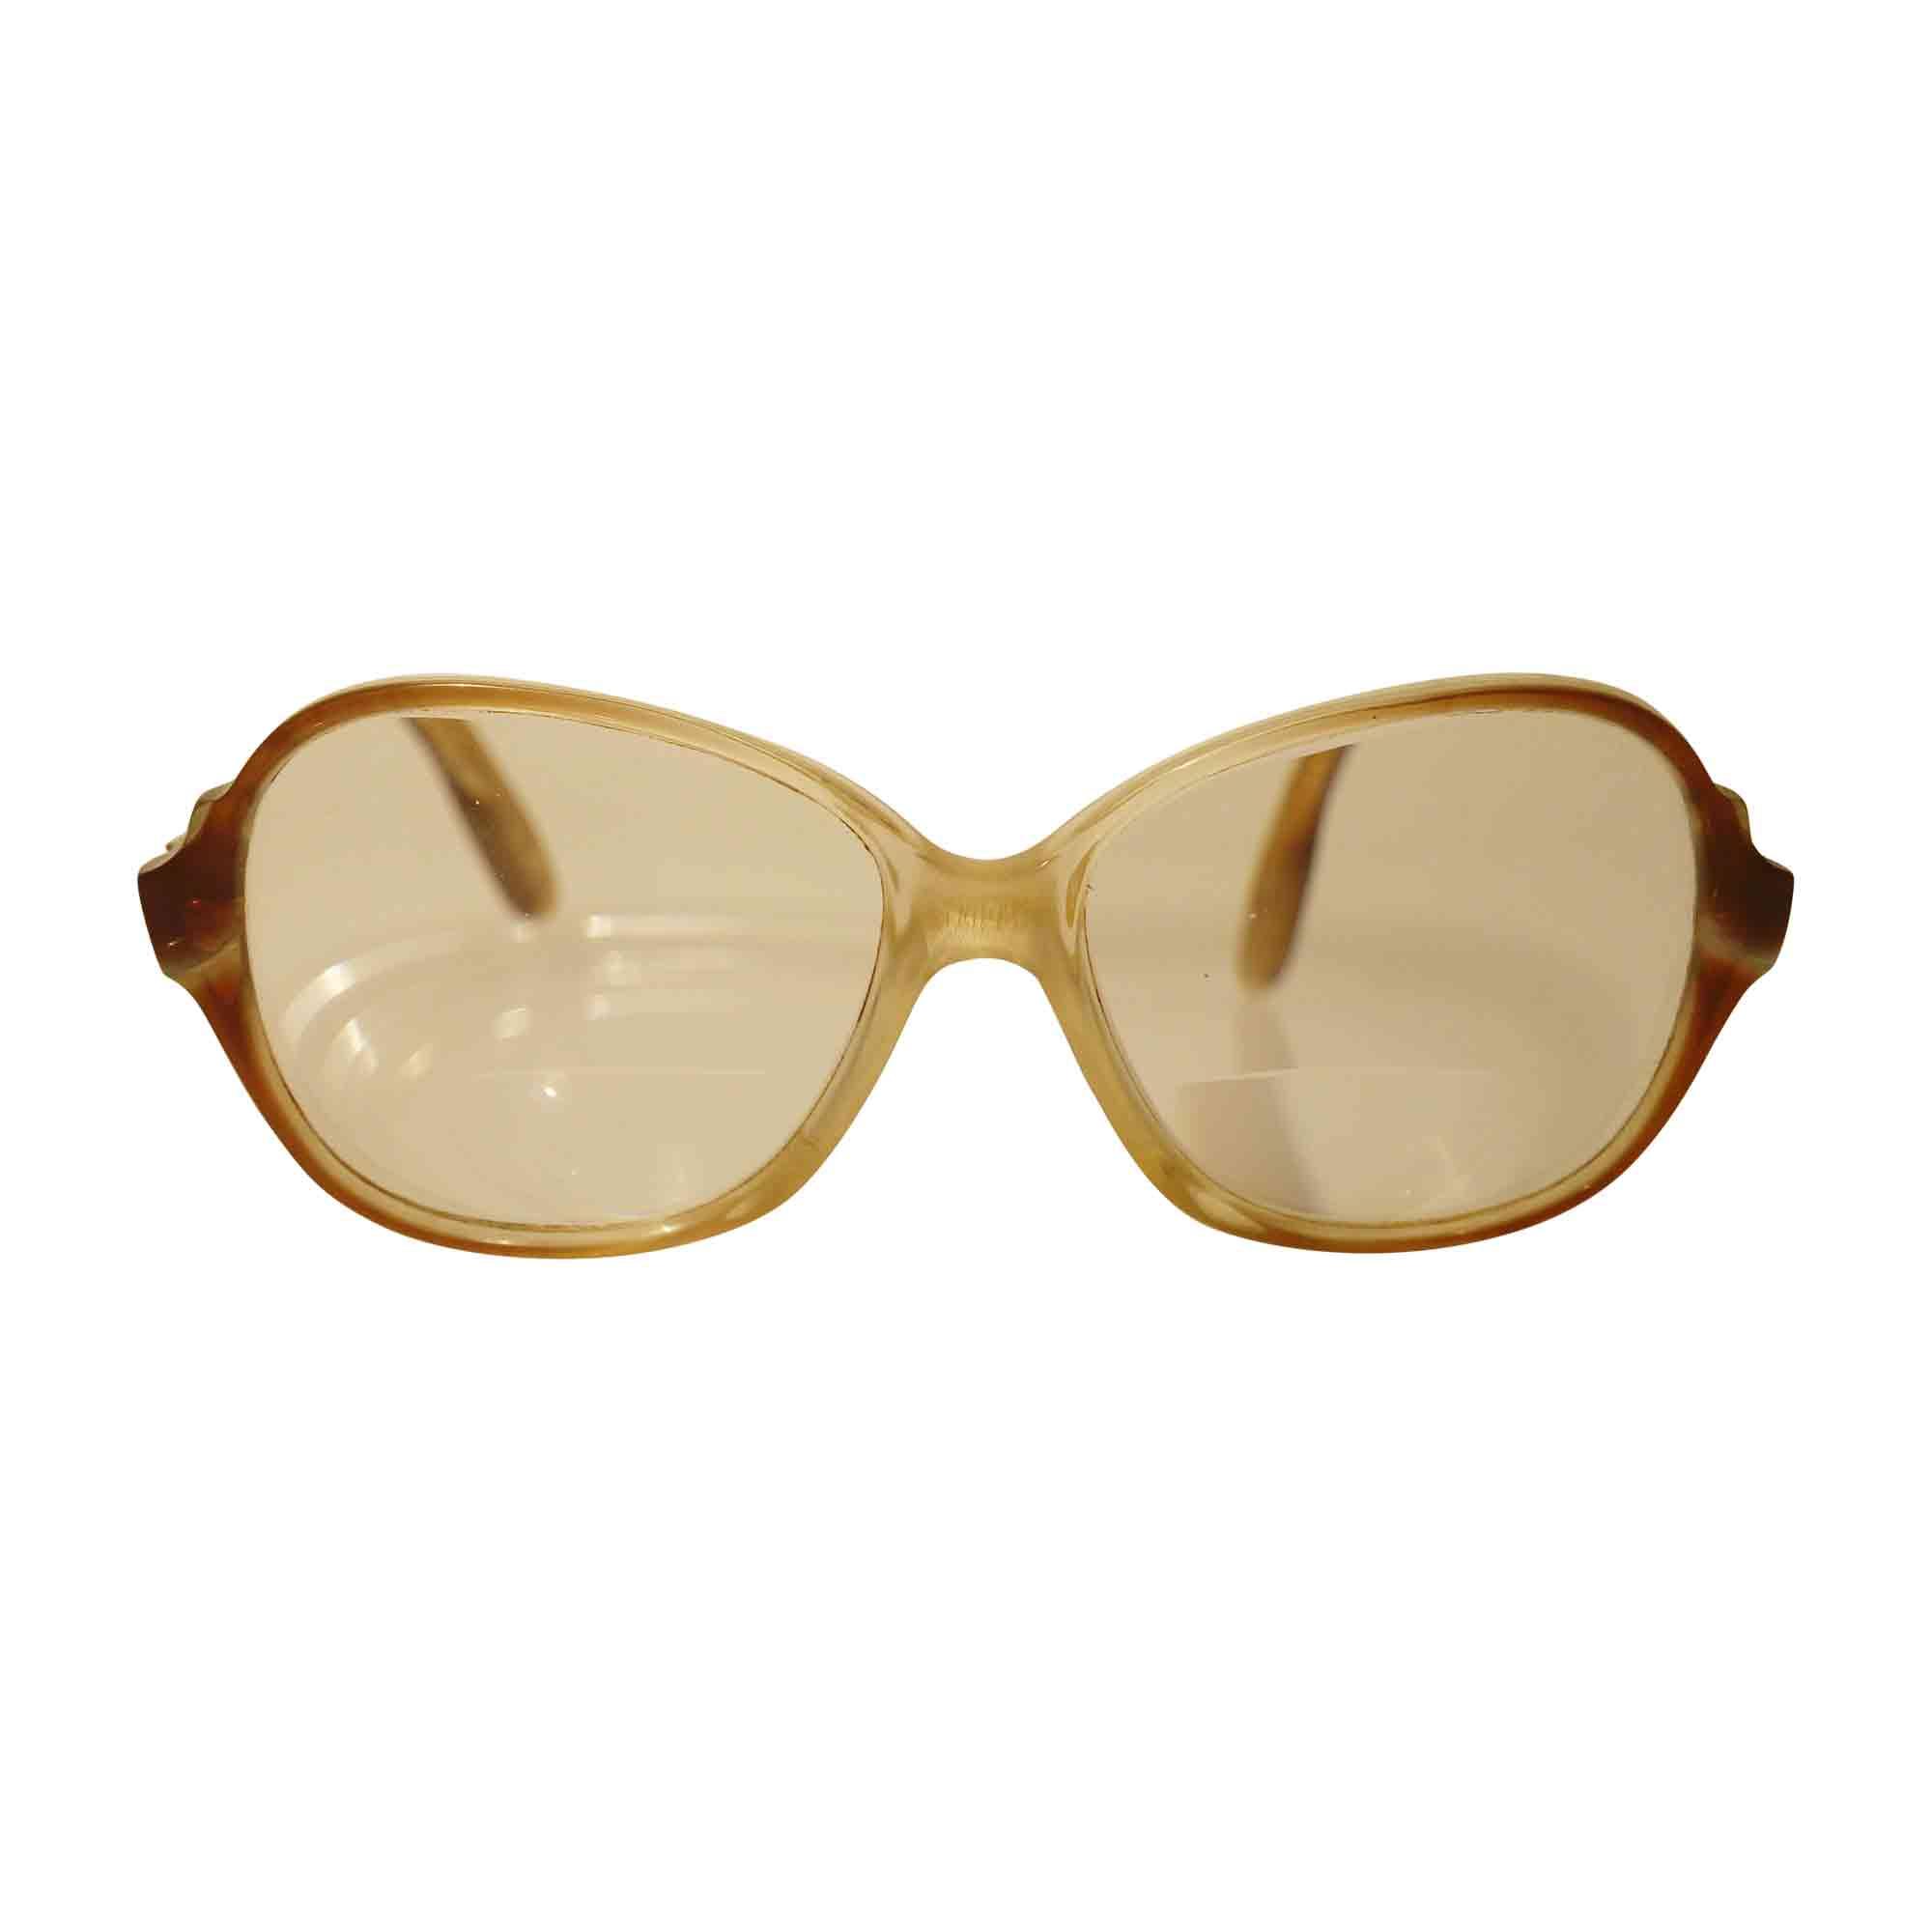 Monture de lunettes YVES SAINT LAURENT Transparent, marron, doré